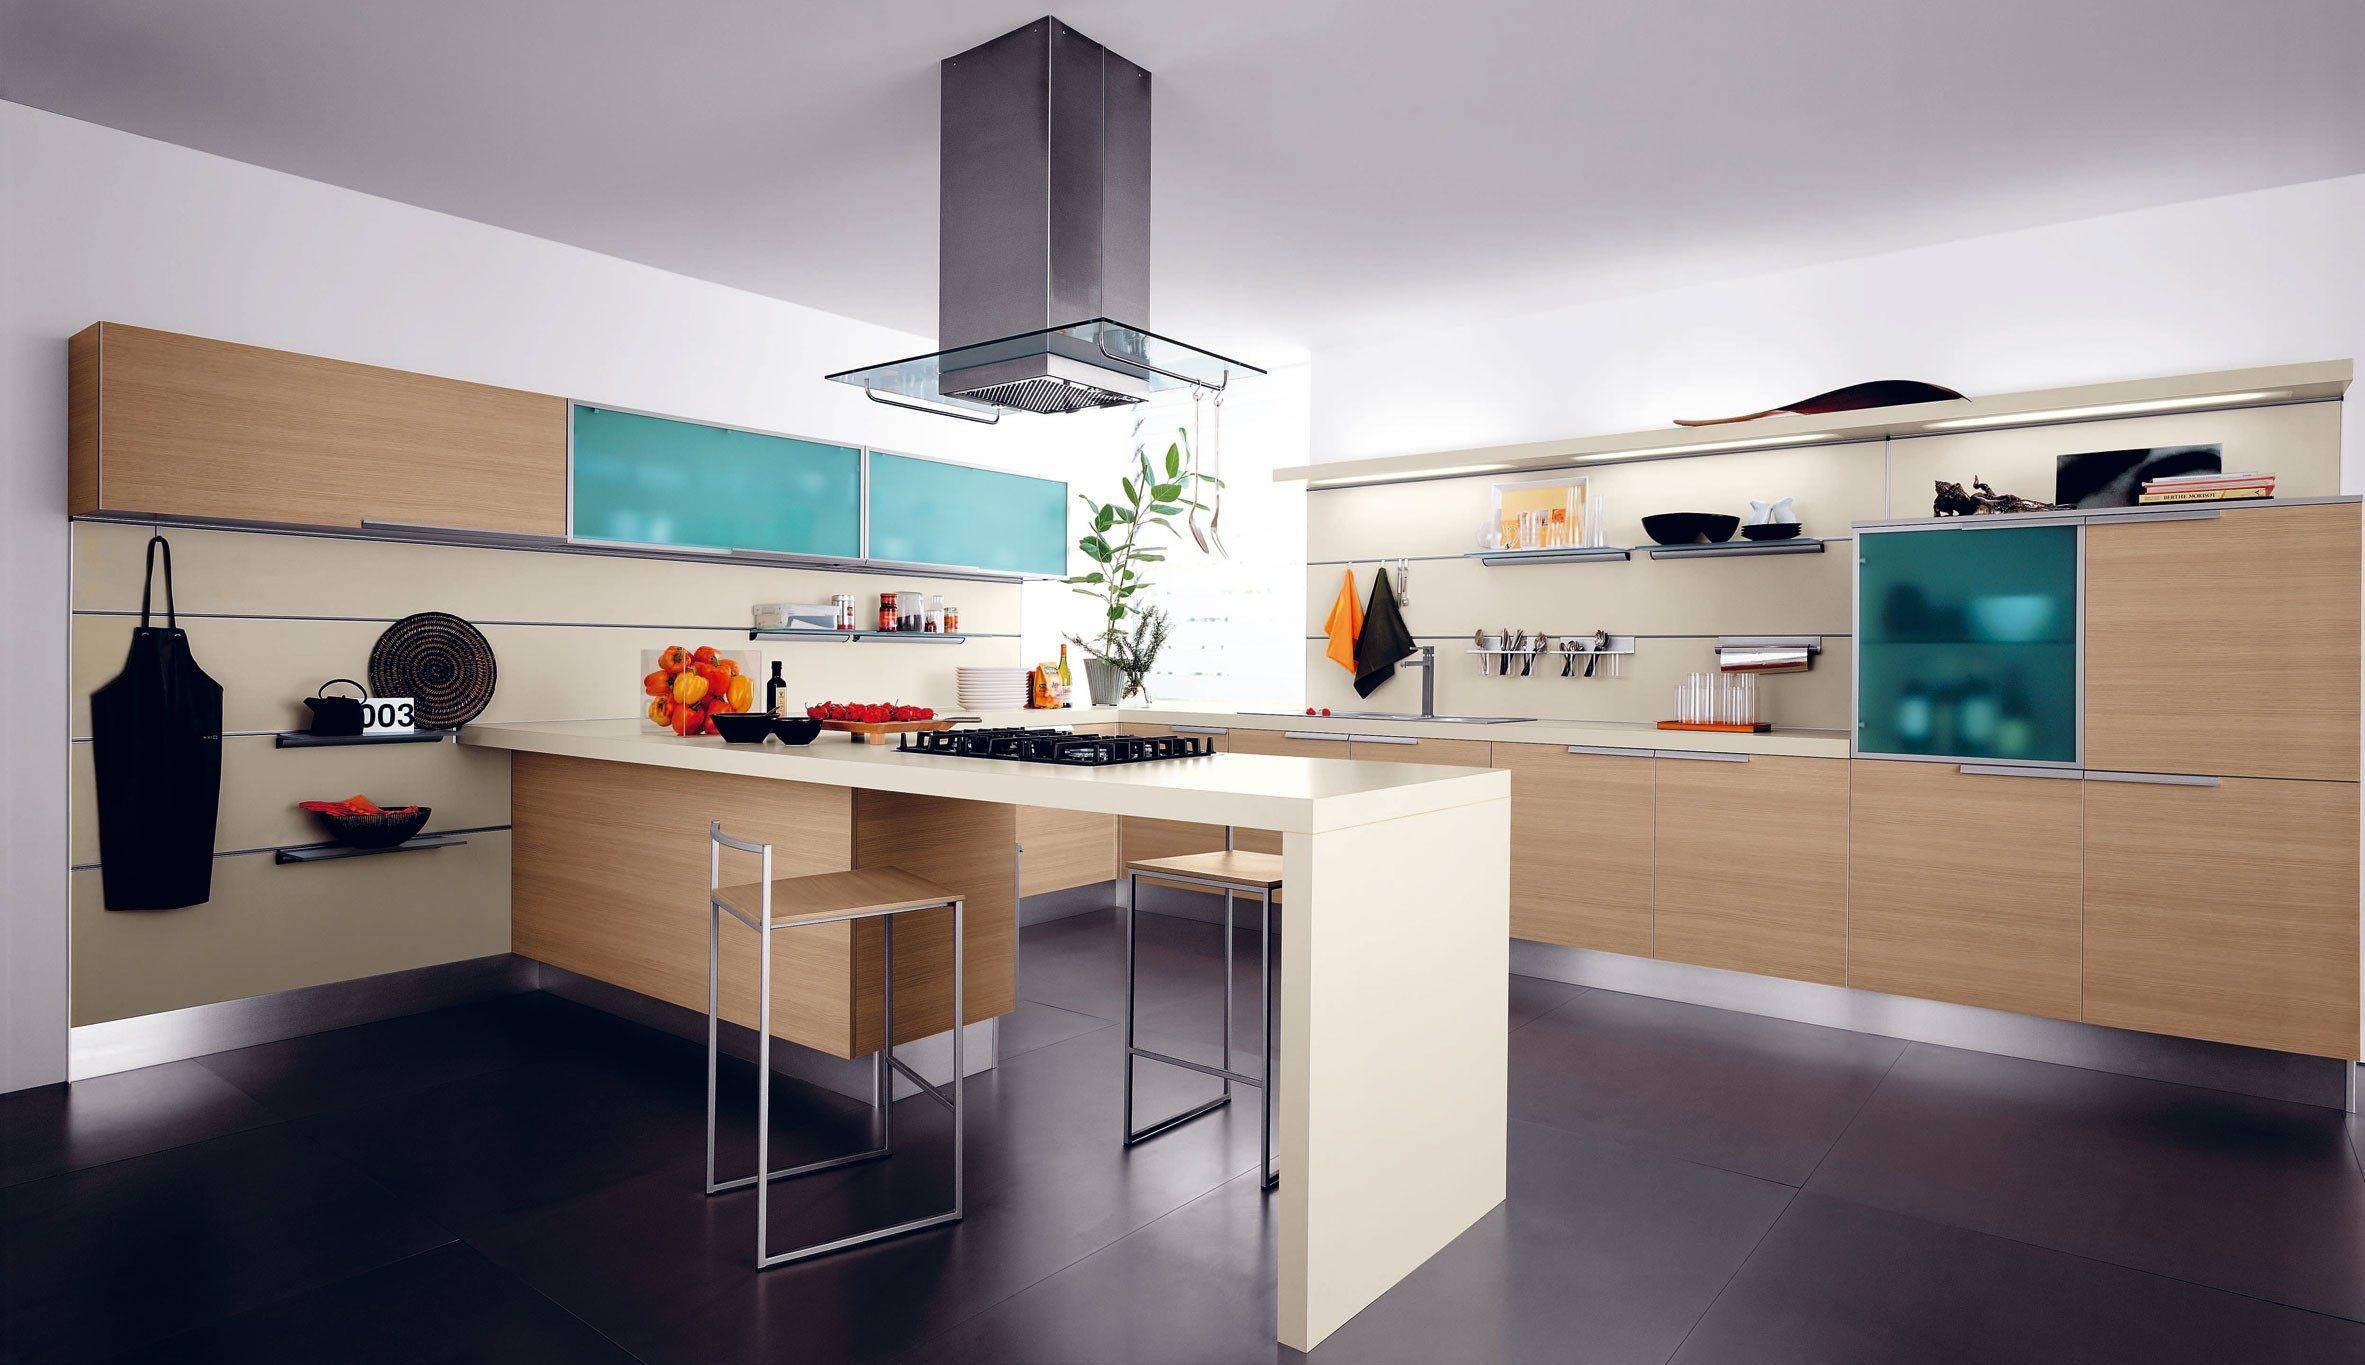 Colores Claros Con Acento Turquesa En Este Caso En Vidrios Kuchen Design Moderne Kuche Kuchen Ideen Modern